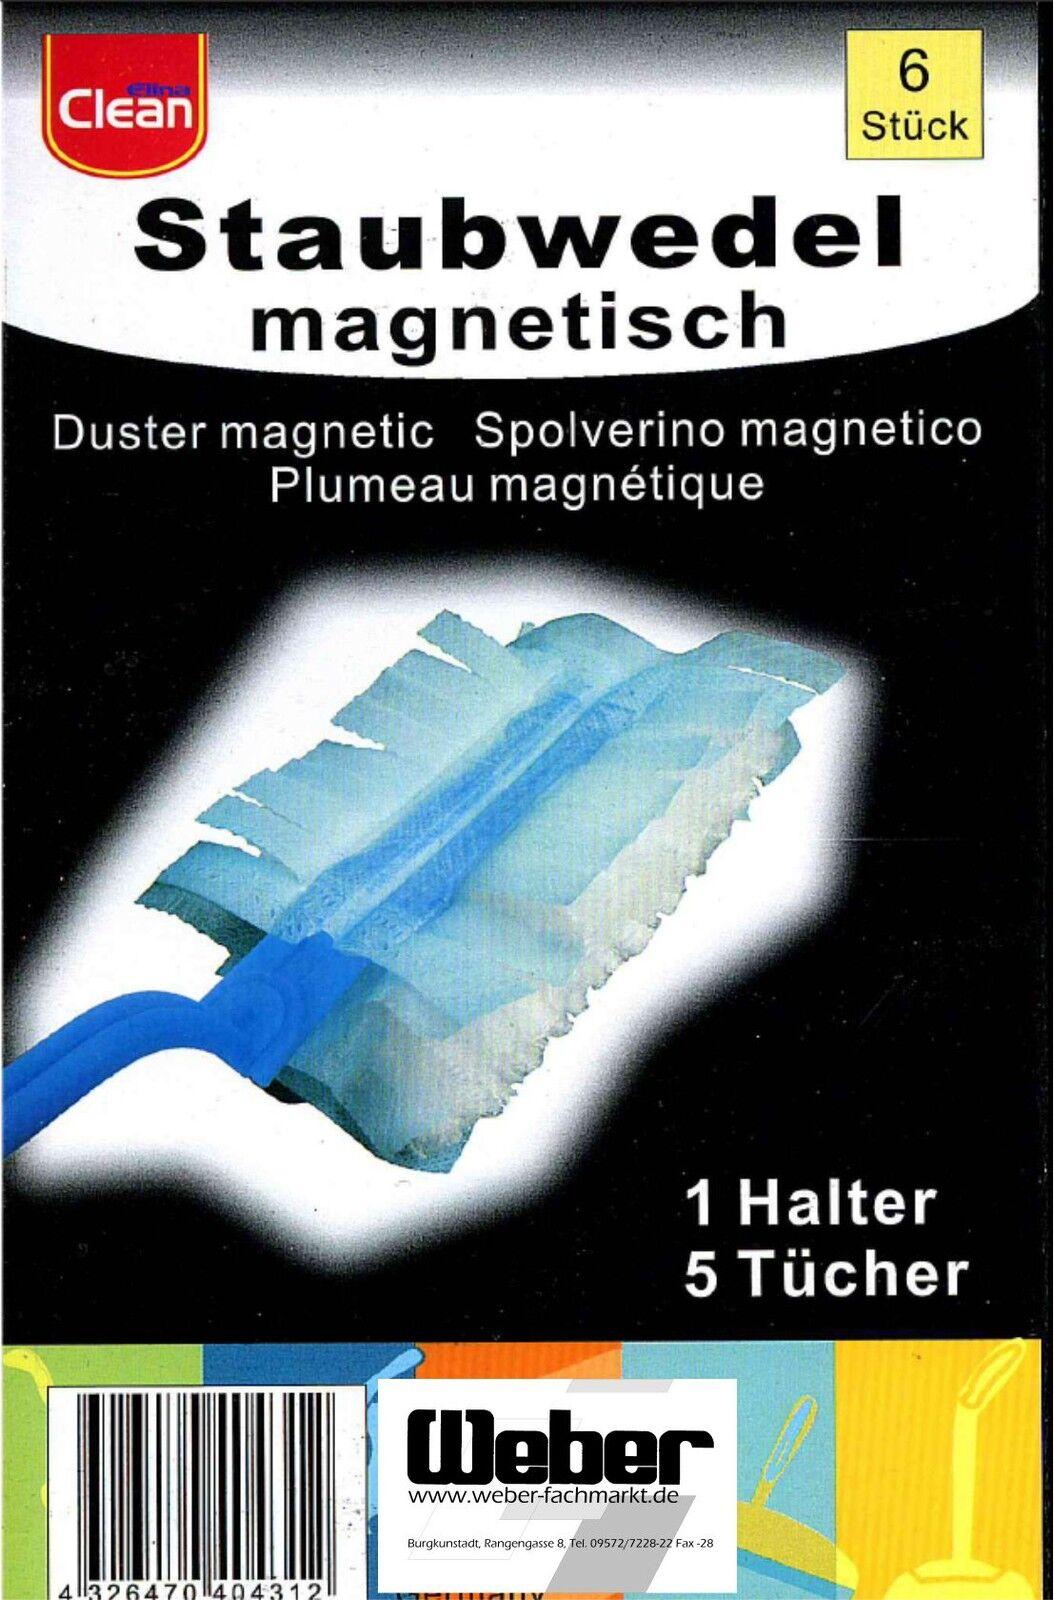 15 x Staubwedel + 3 x Halter Staubmagnet Staubwischer